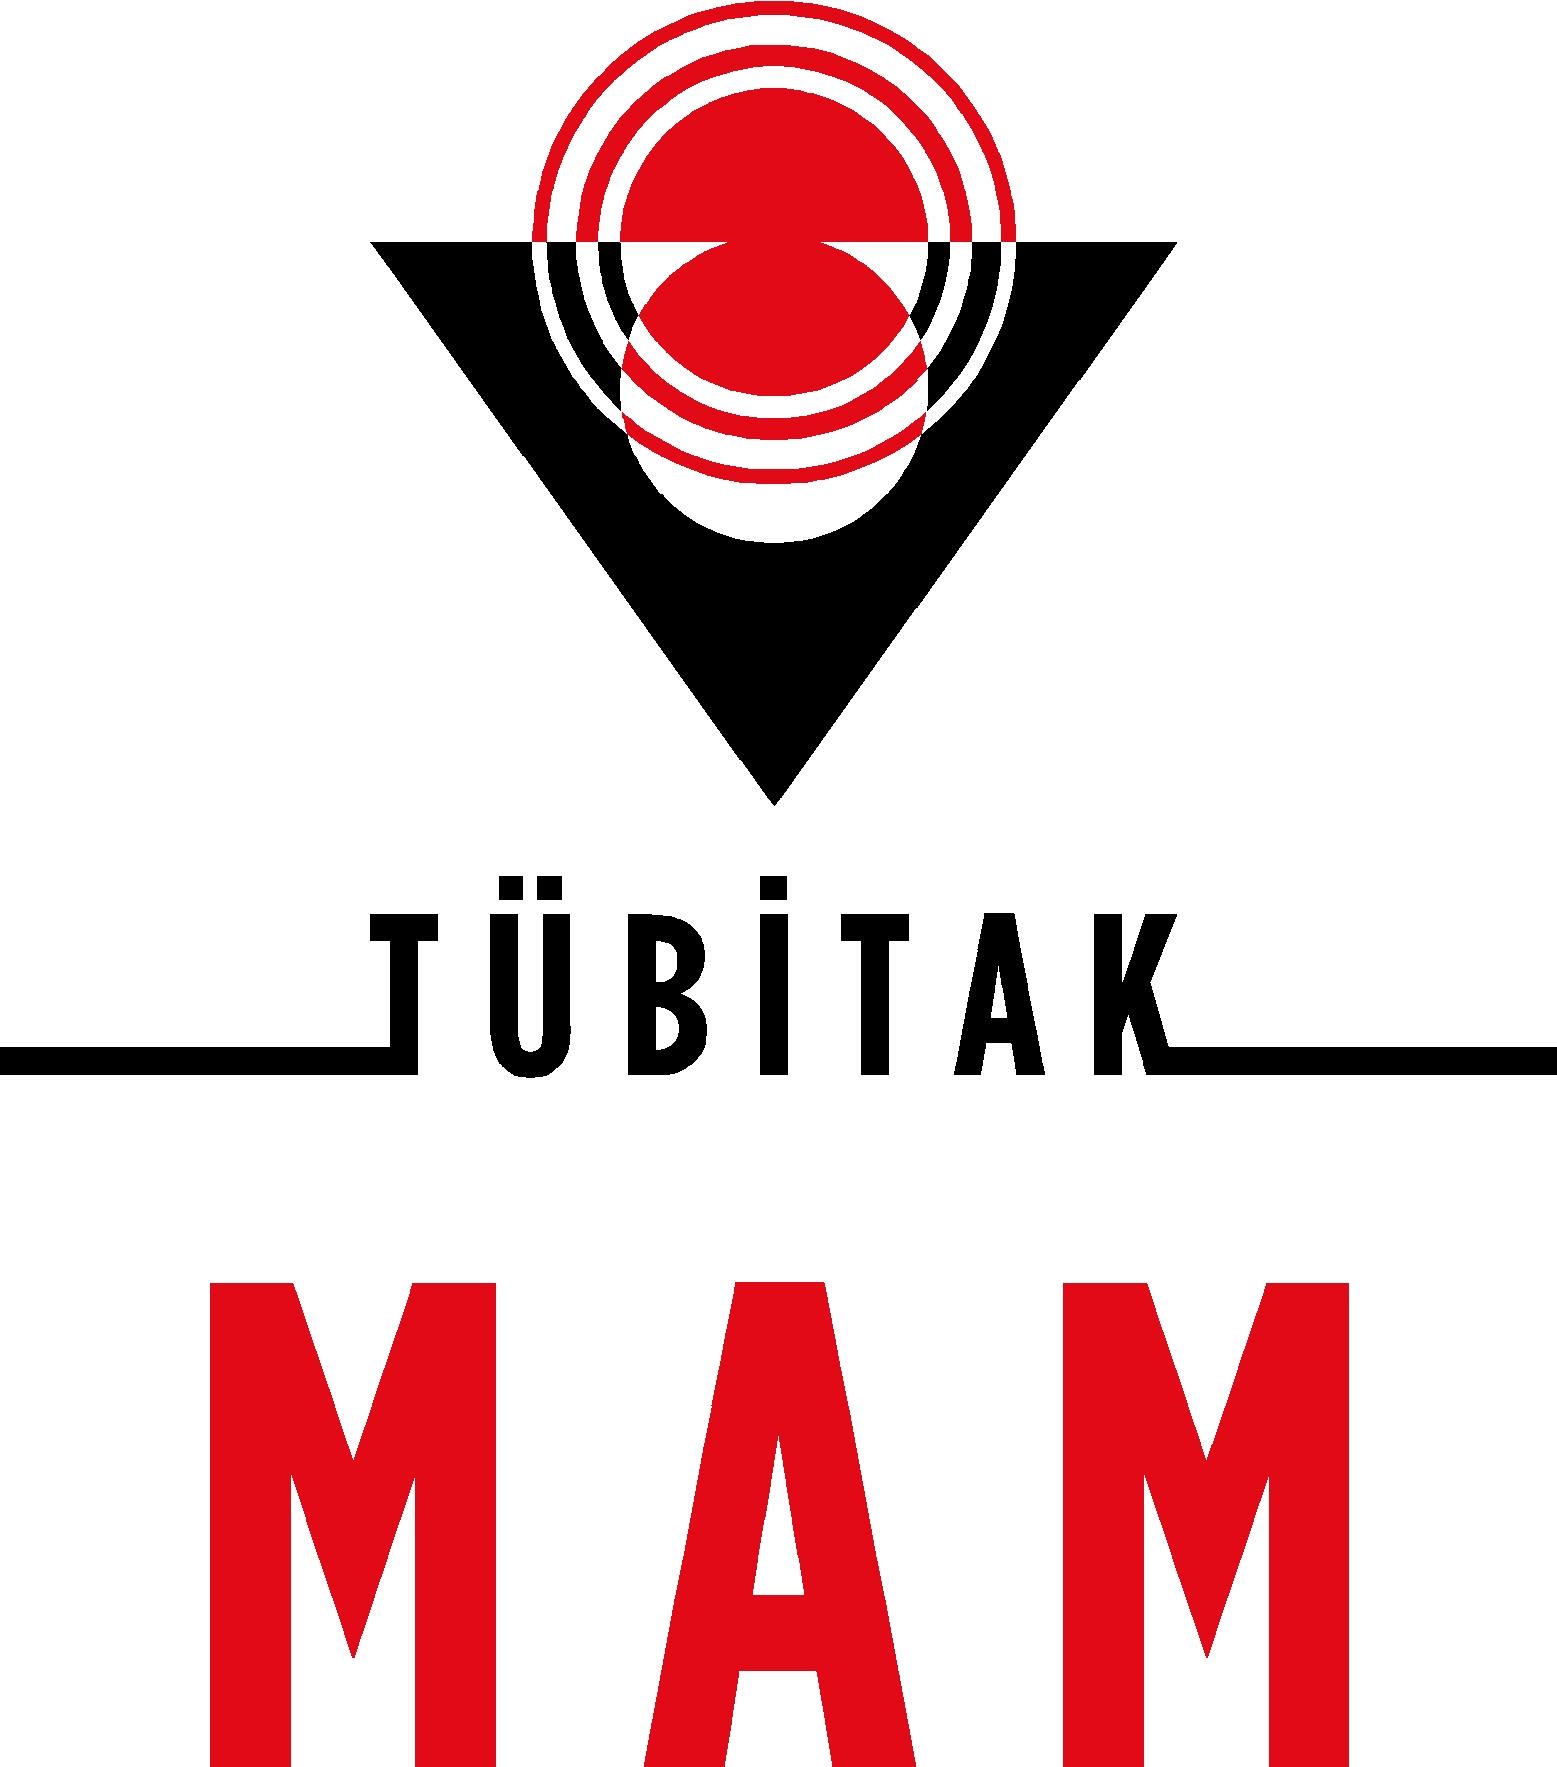 TUBITAK-MAM-Logo-JPG Home